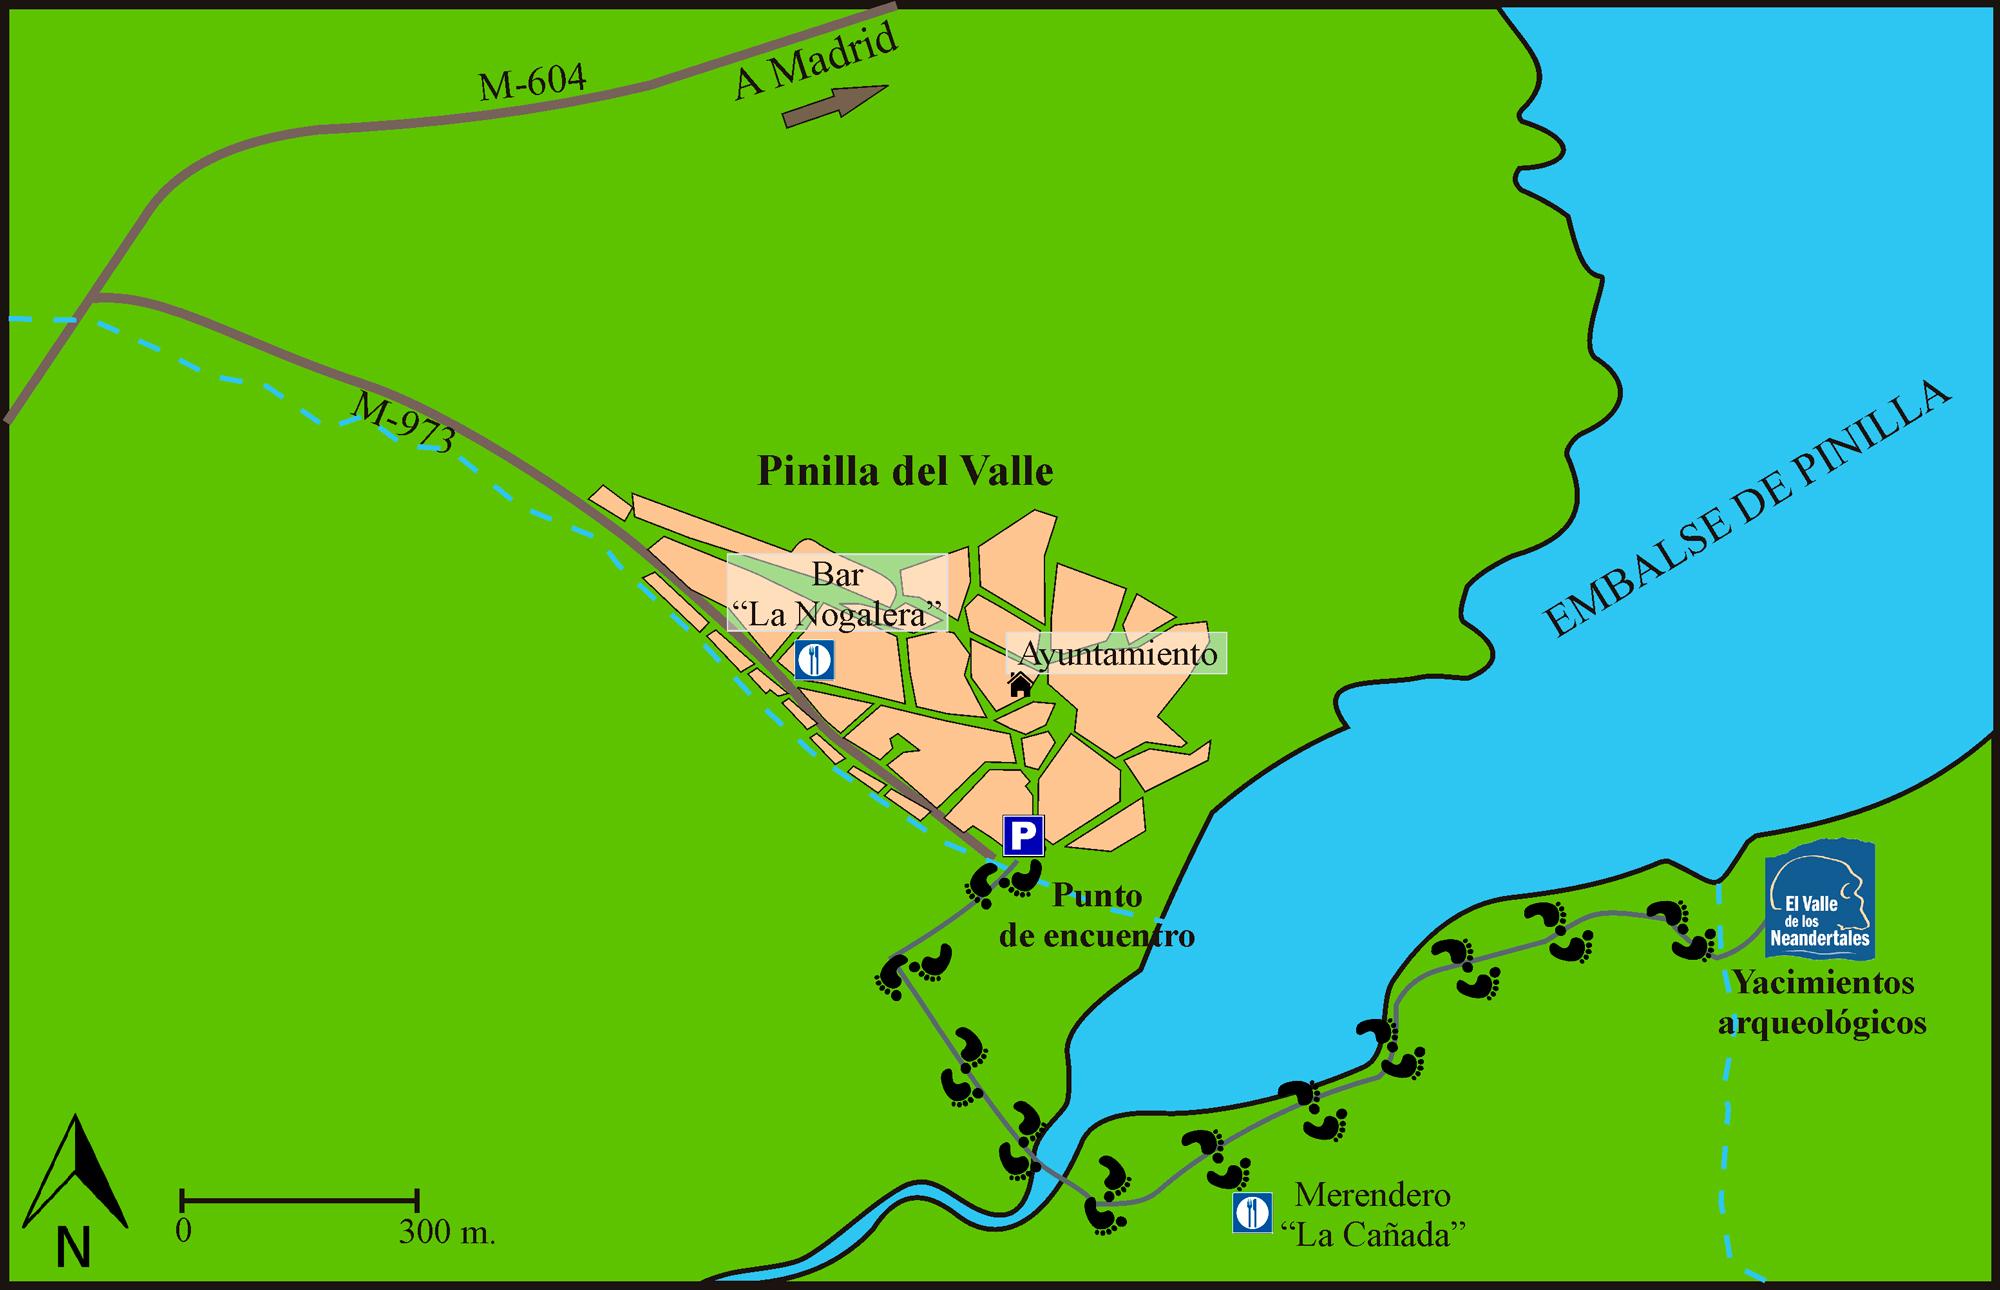 Plano de situación Pinilla